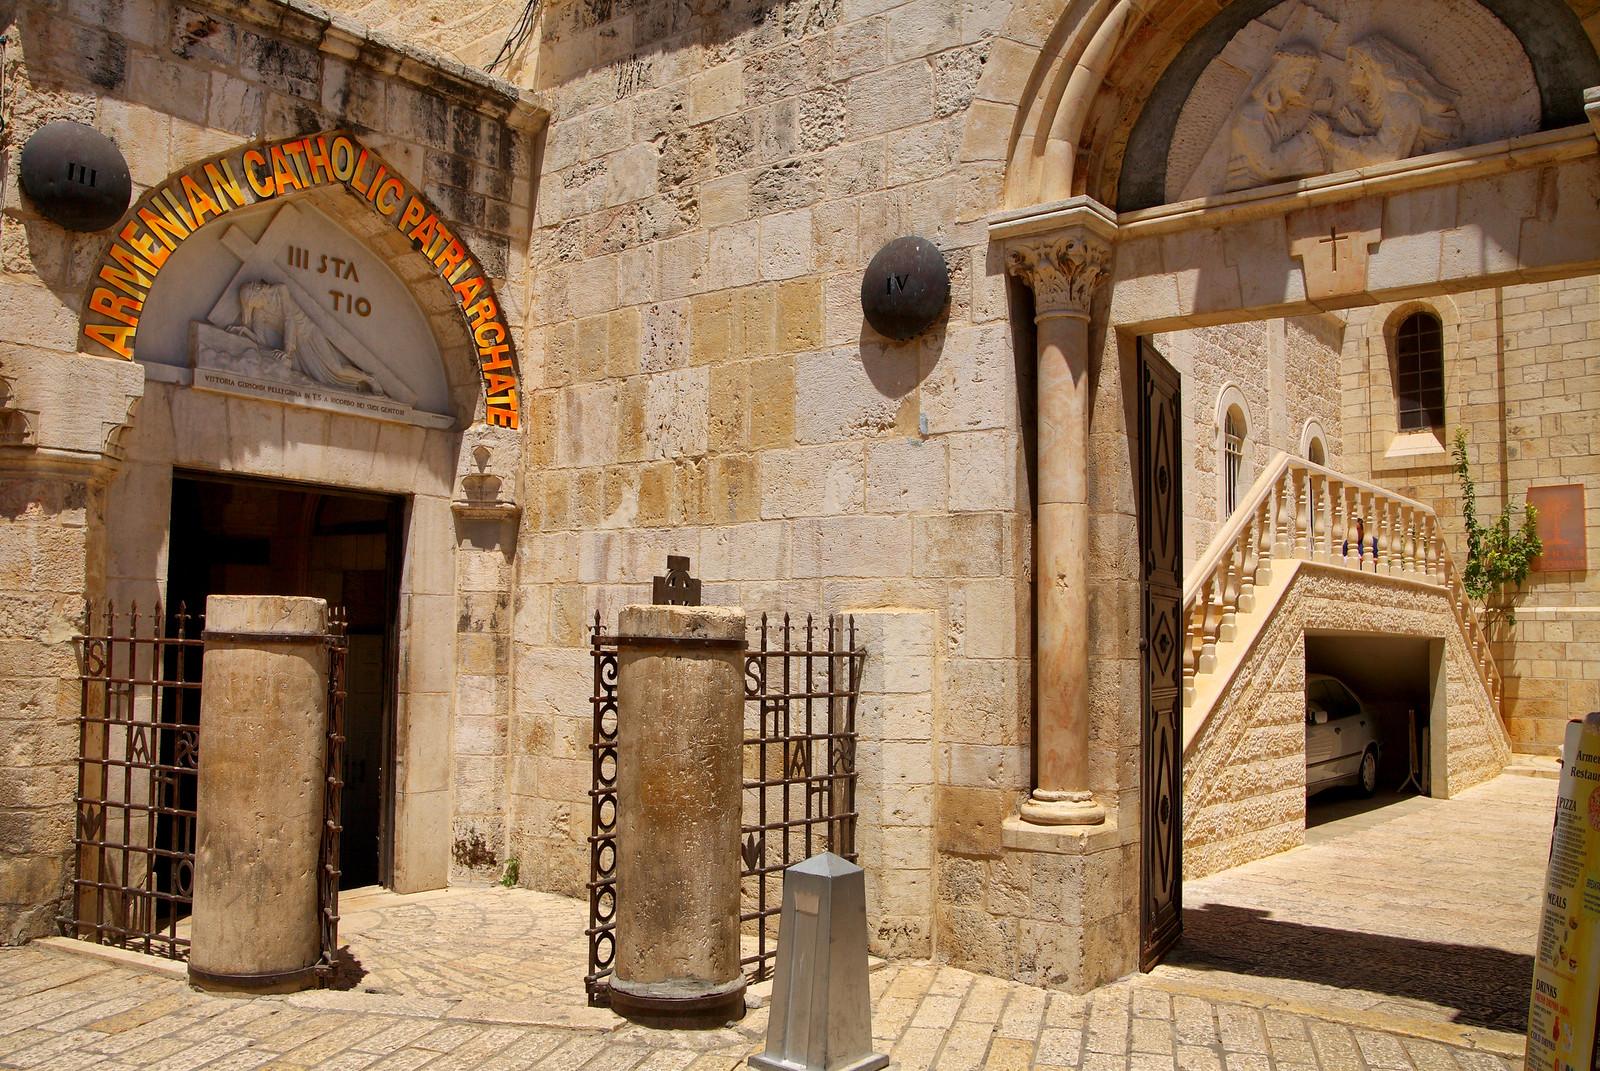 Jerusalem_Via Dolorosa_Station 3 & 4_Noam Chen_IMOT